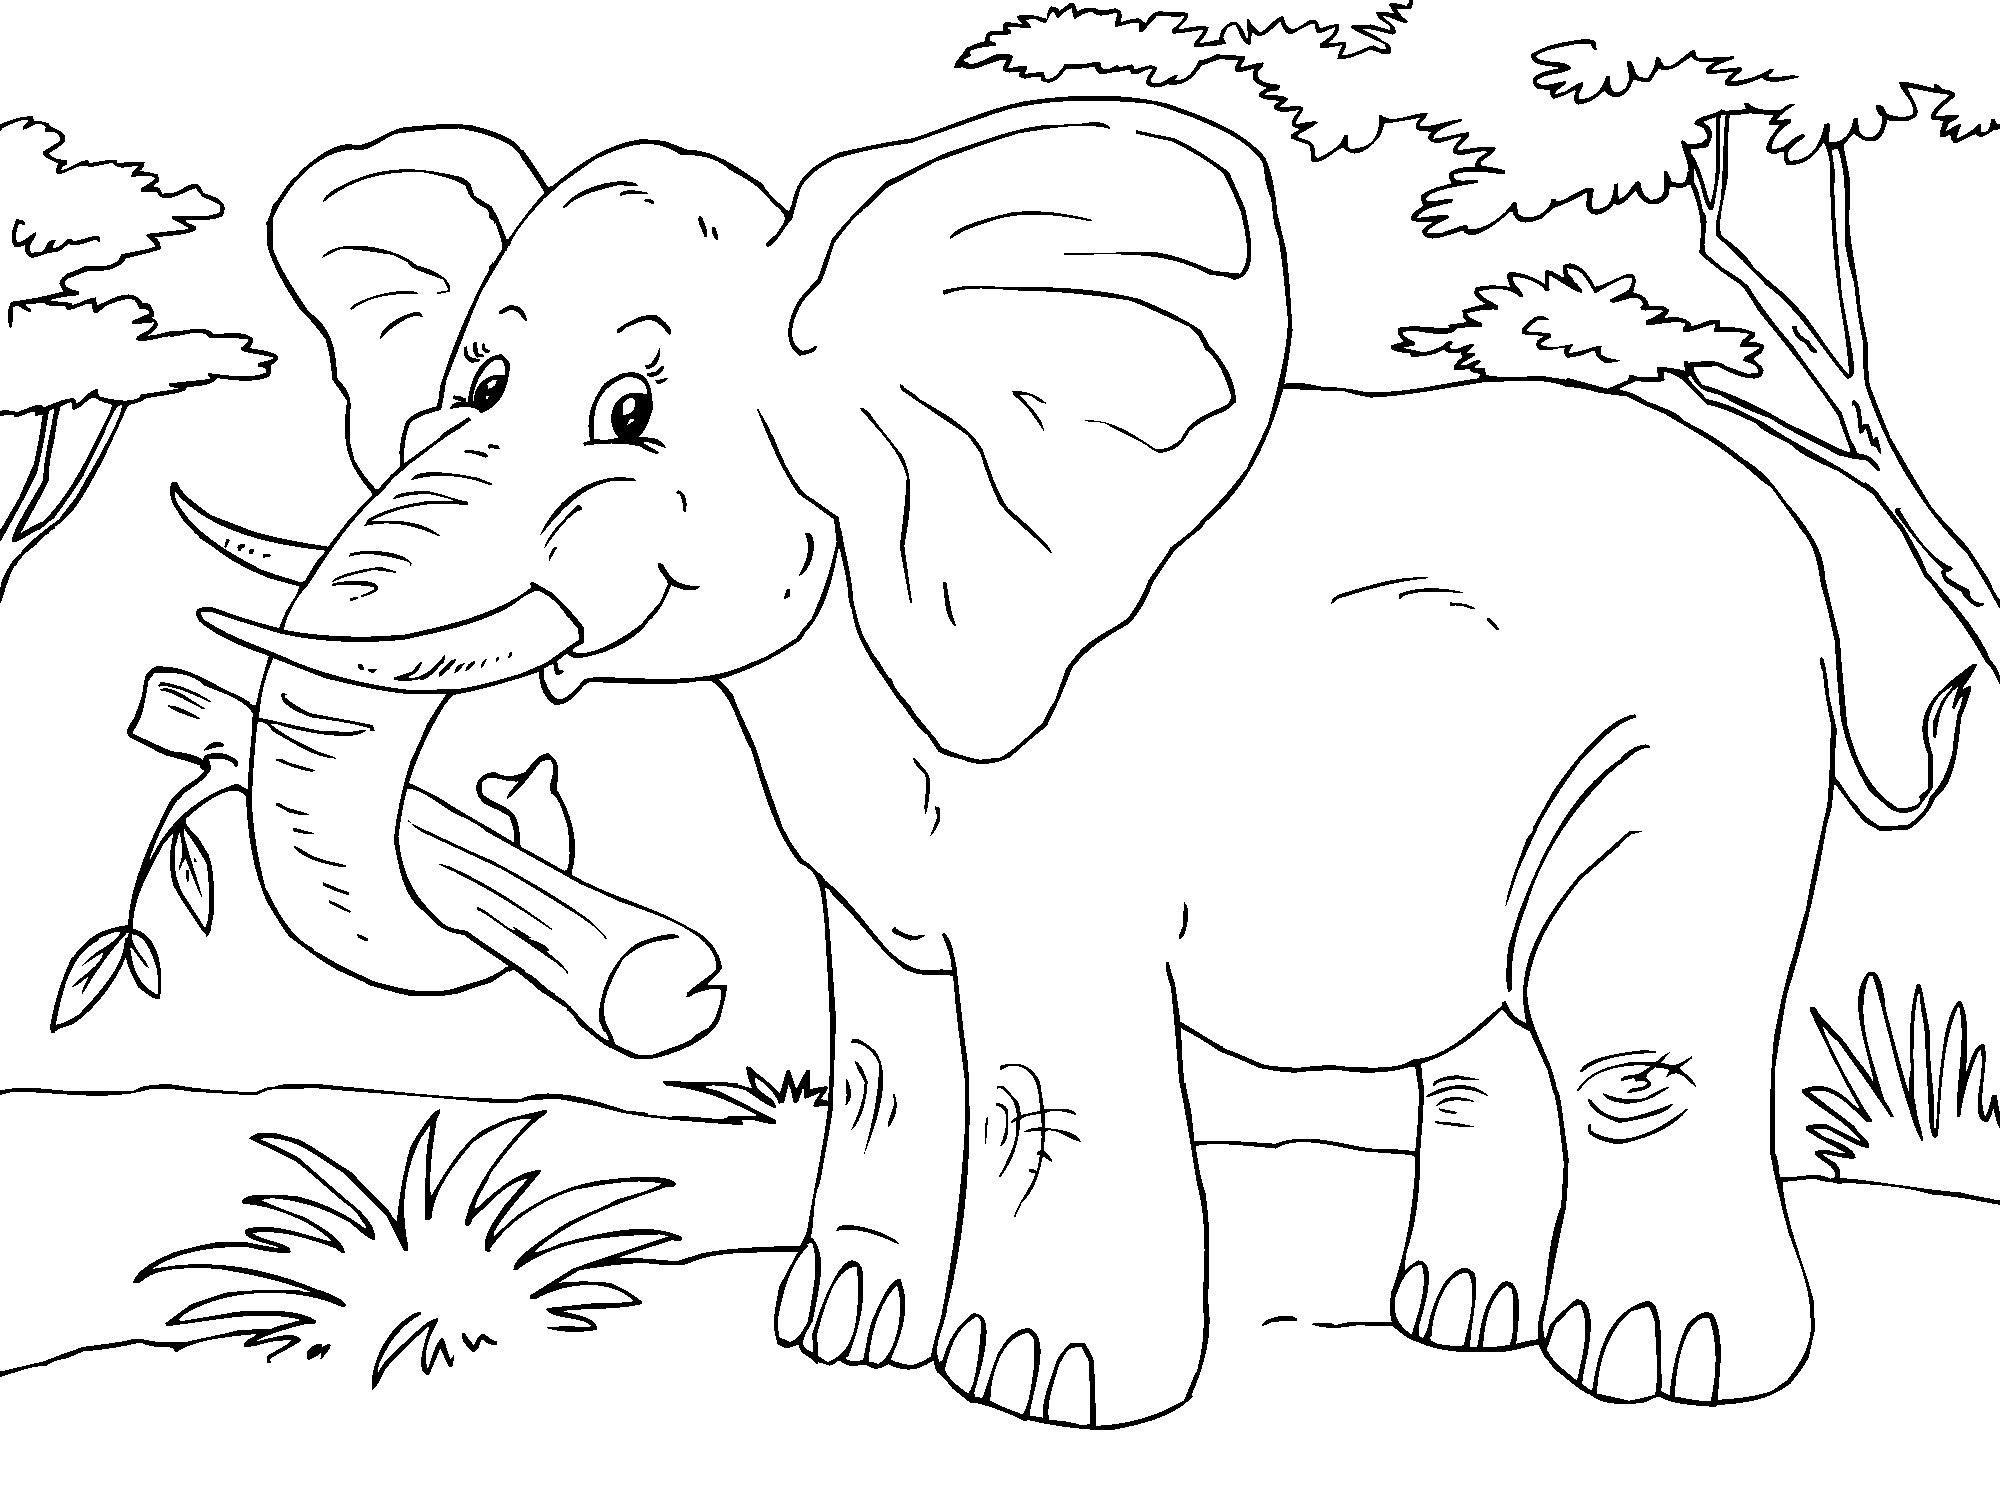 Malvorlage Elefant - Kostenlose Ausmalbilder Zum Ausdrucken. mit Malvorlage Elefant